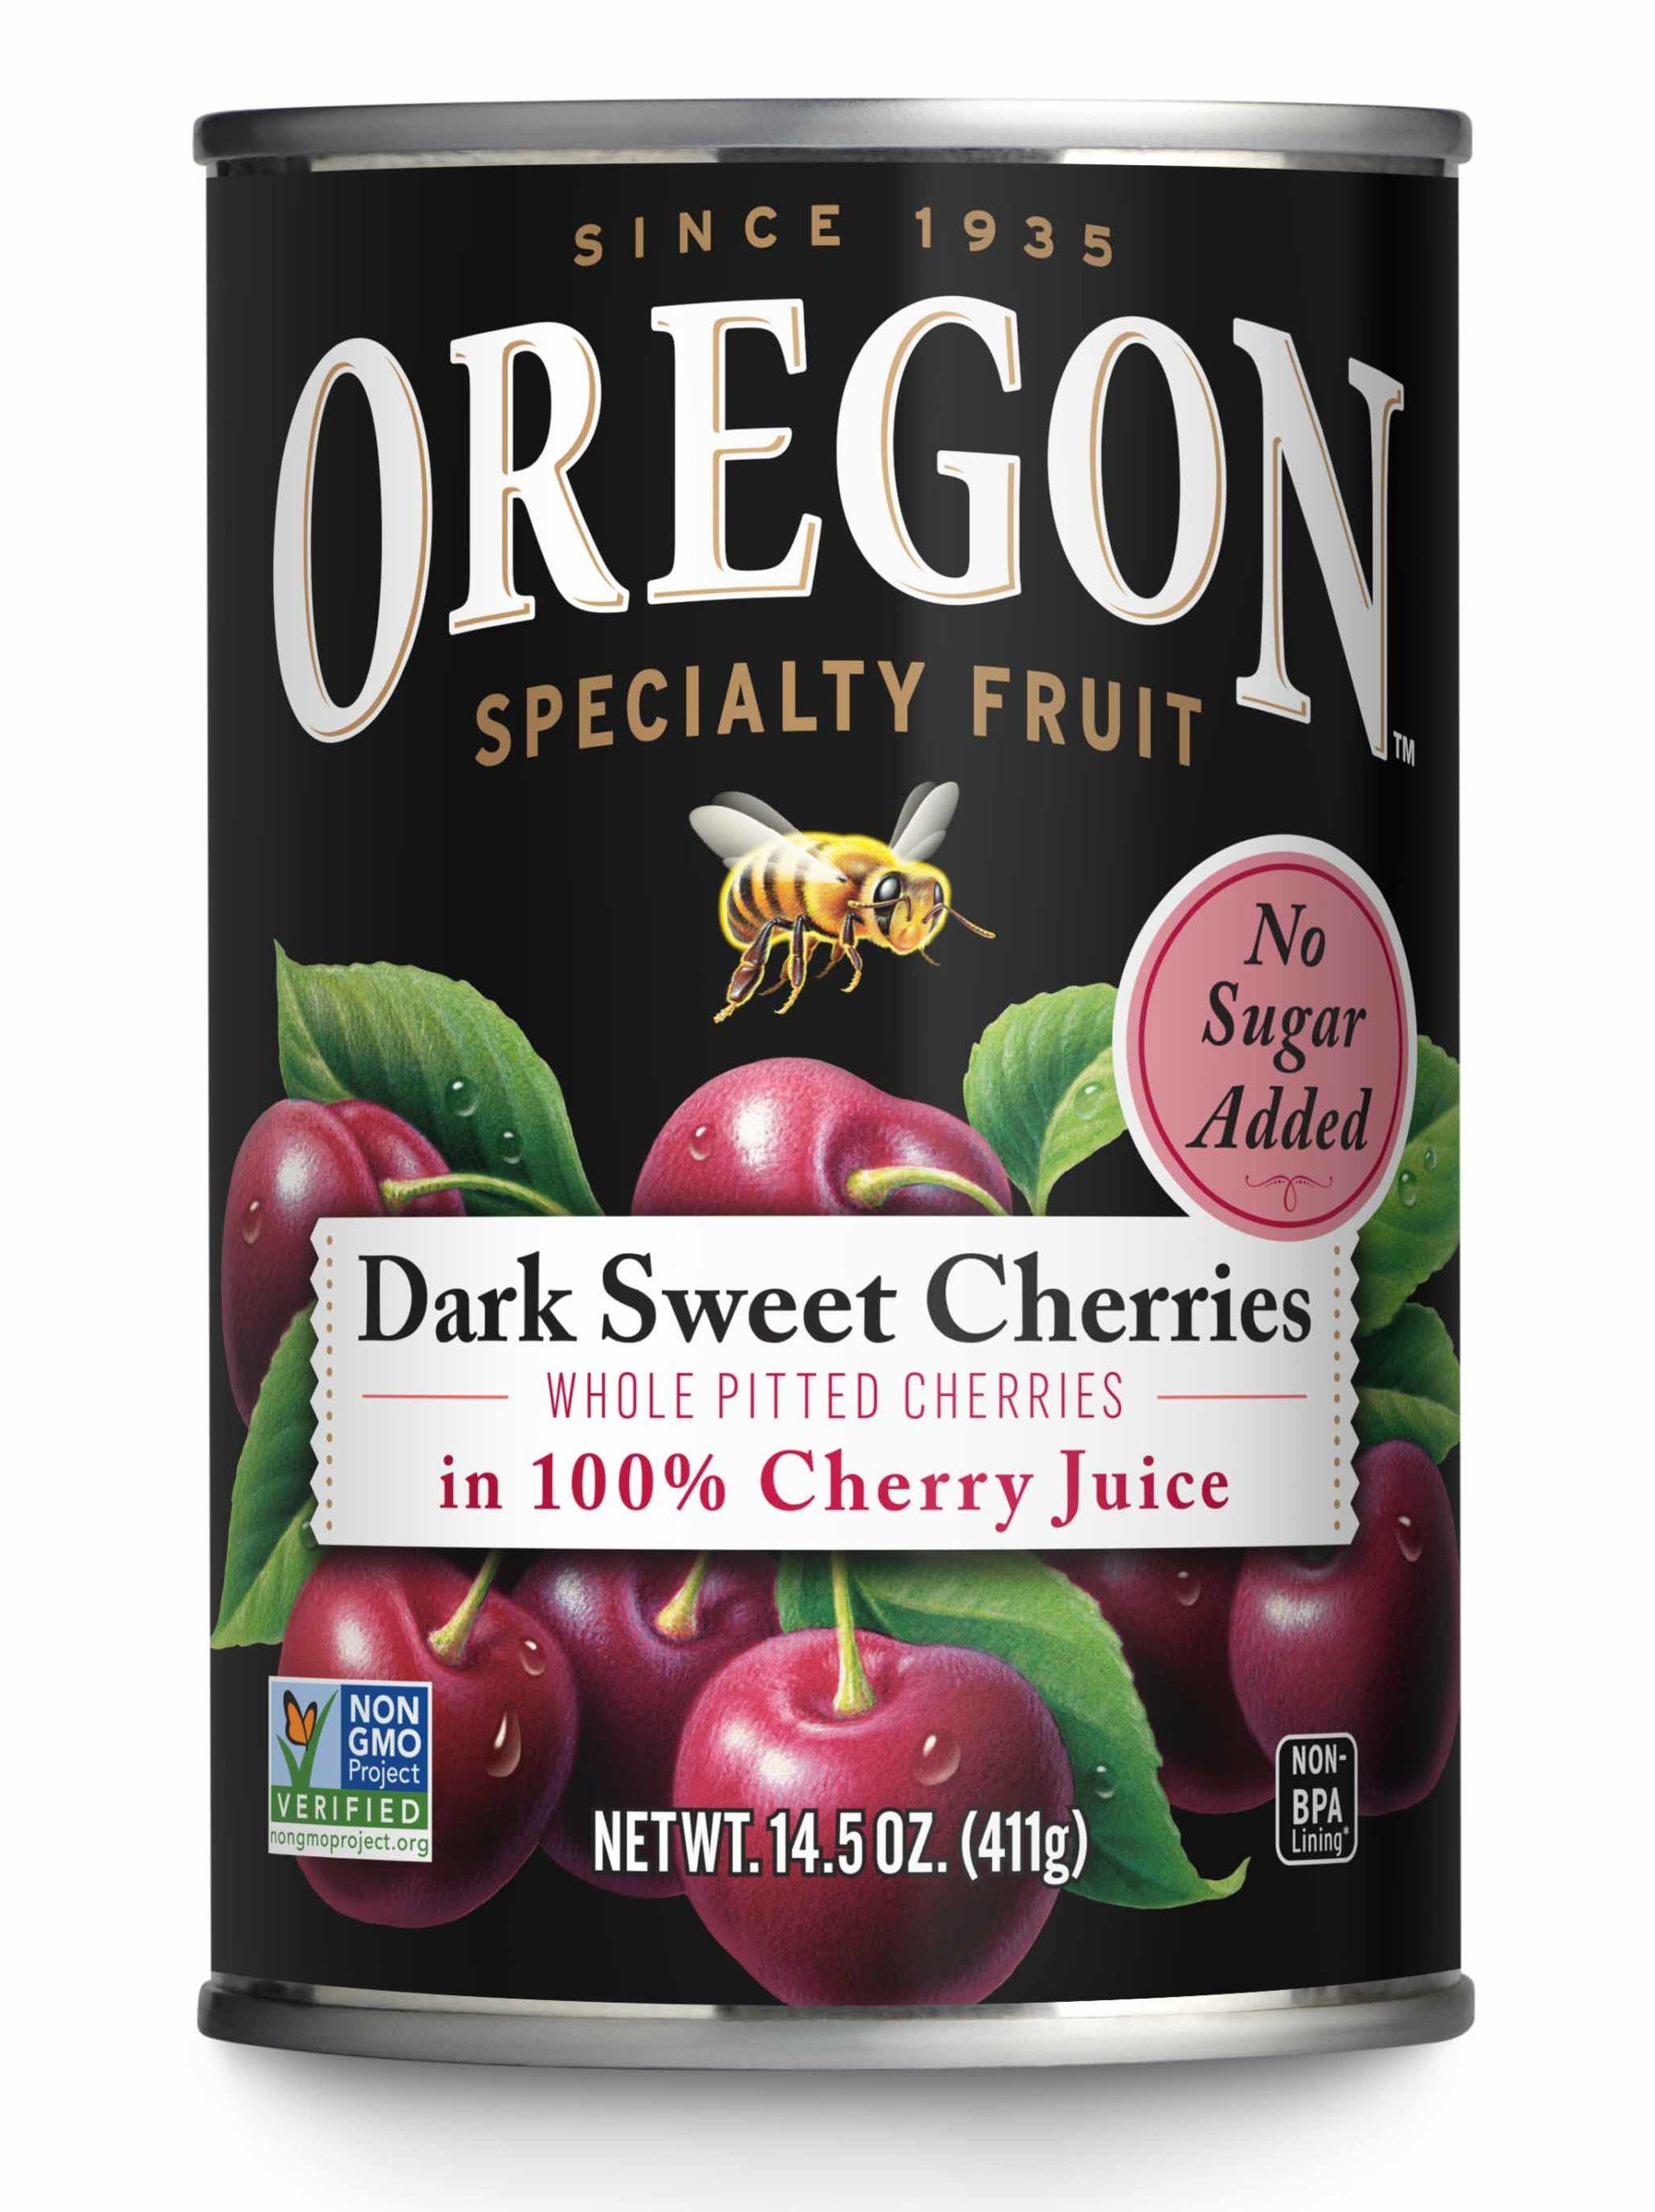 Dark Sweet Cherries in 100% Cherry Juice